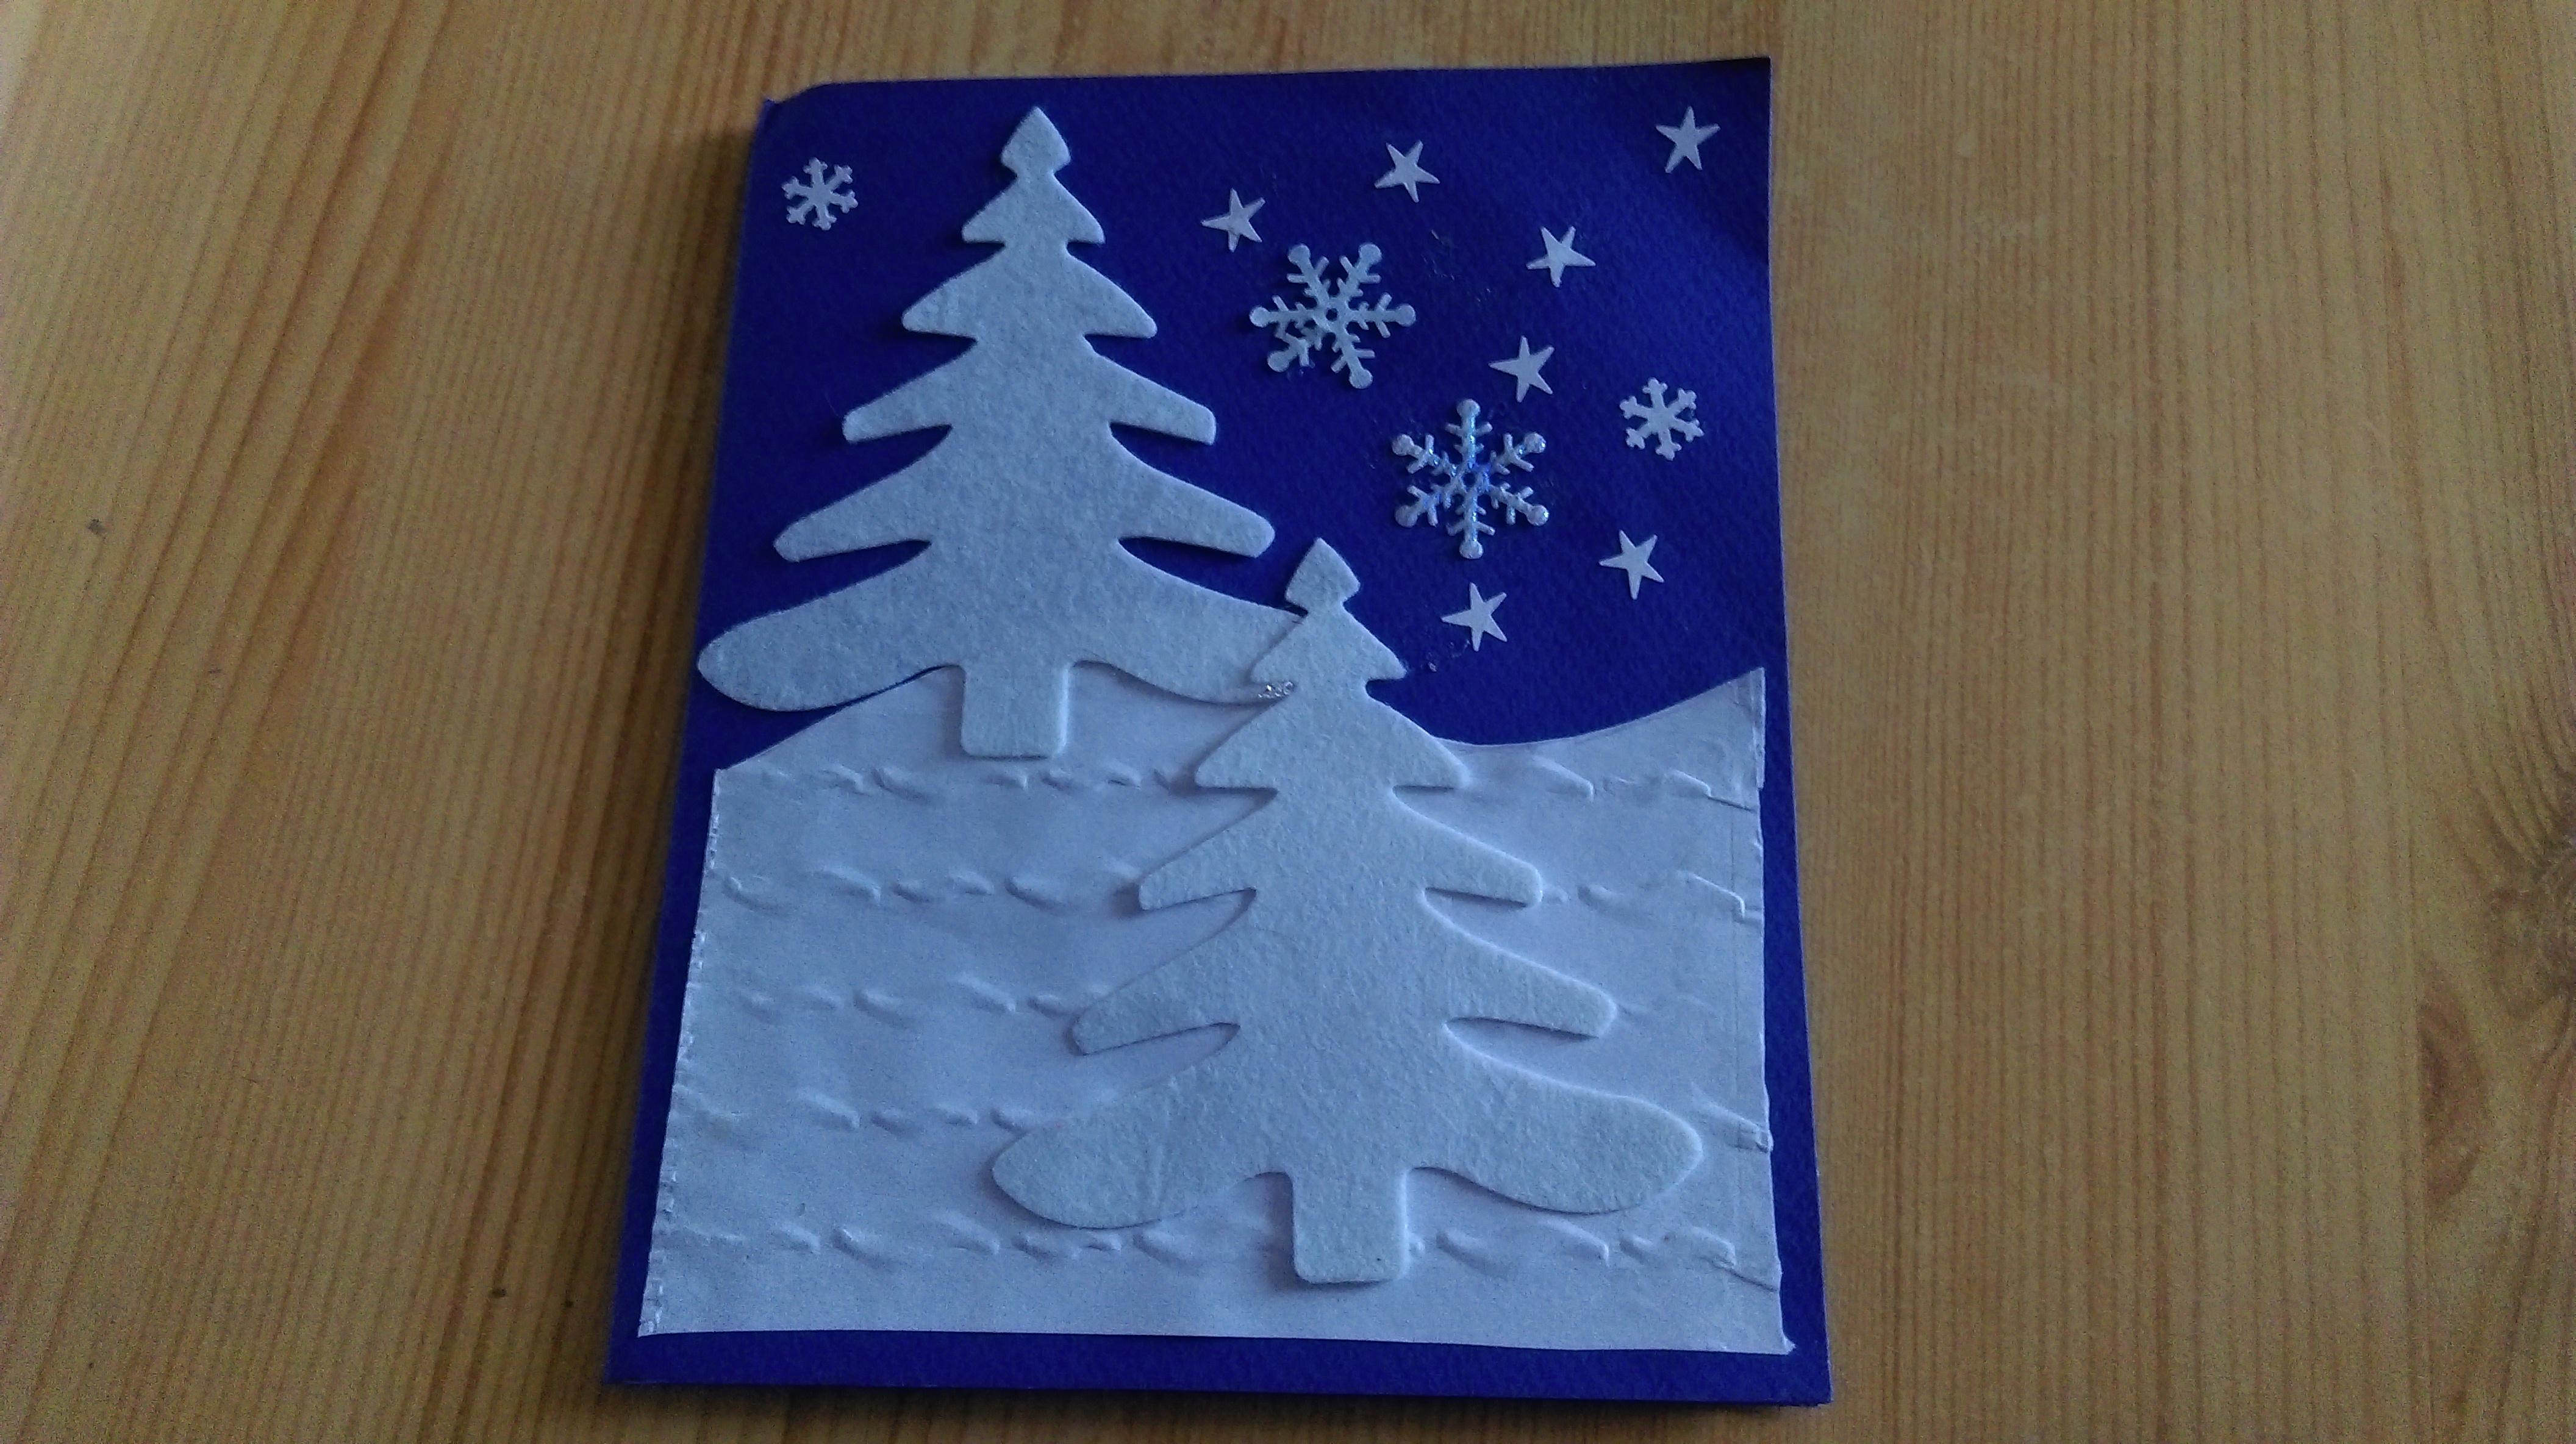 Galerie de l'échange de Noël  - Page 3 566275labiche